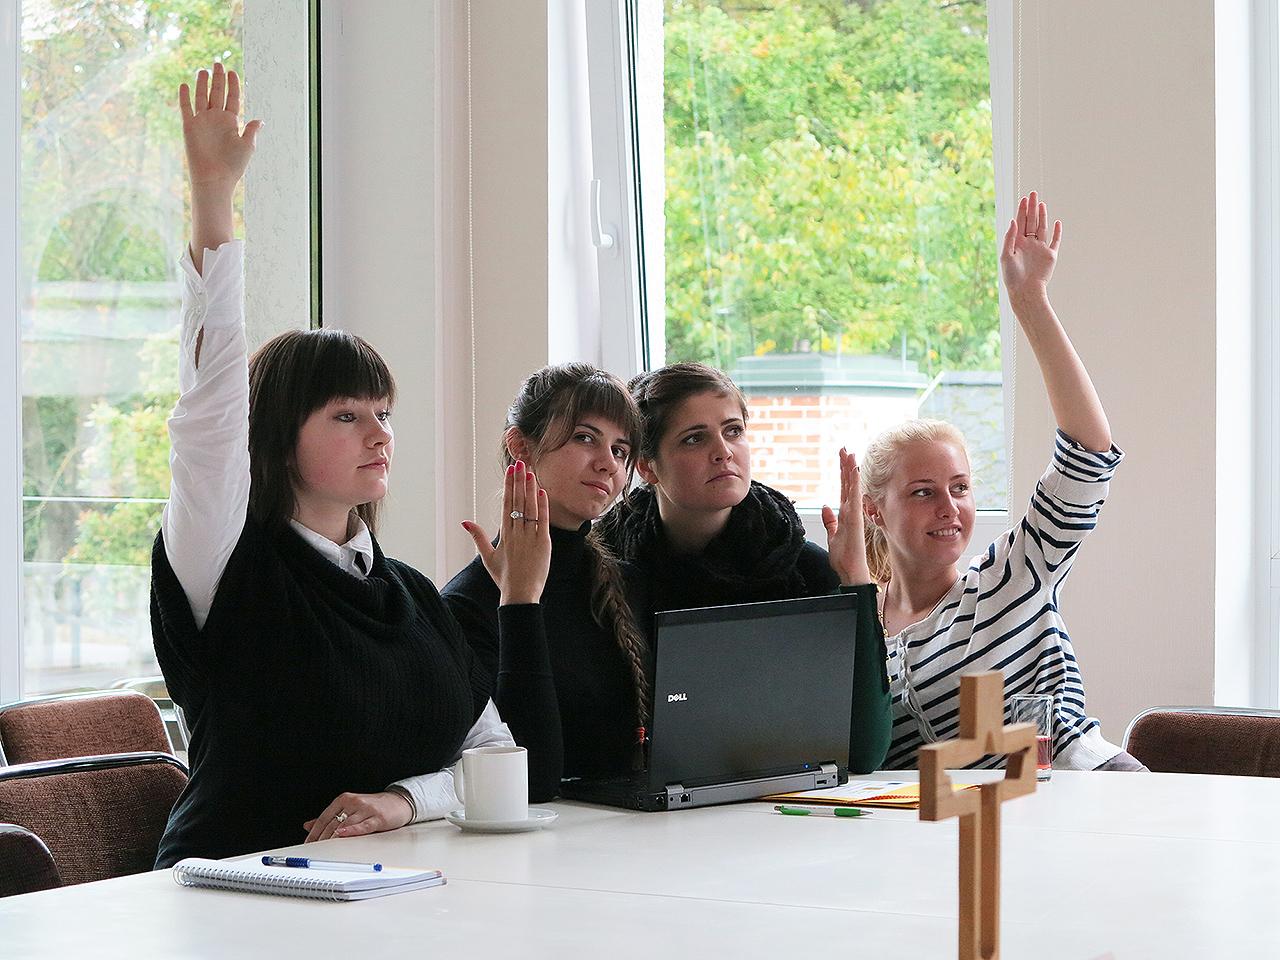 AICINĀM PIETEIKTIES STUDIJĀM rudens semestrim studijām Latvijas Kristīgajā akadēmijā!